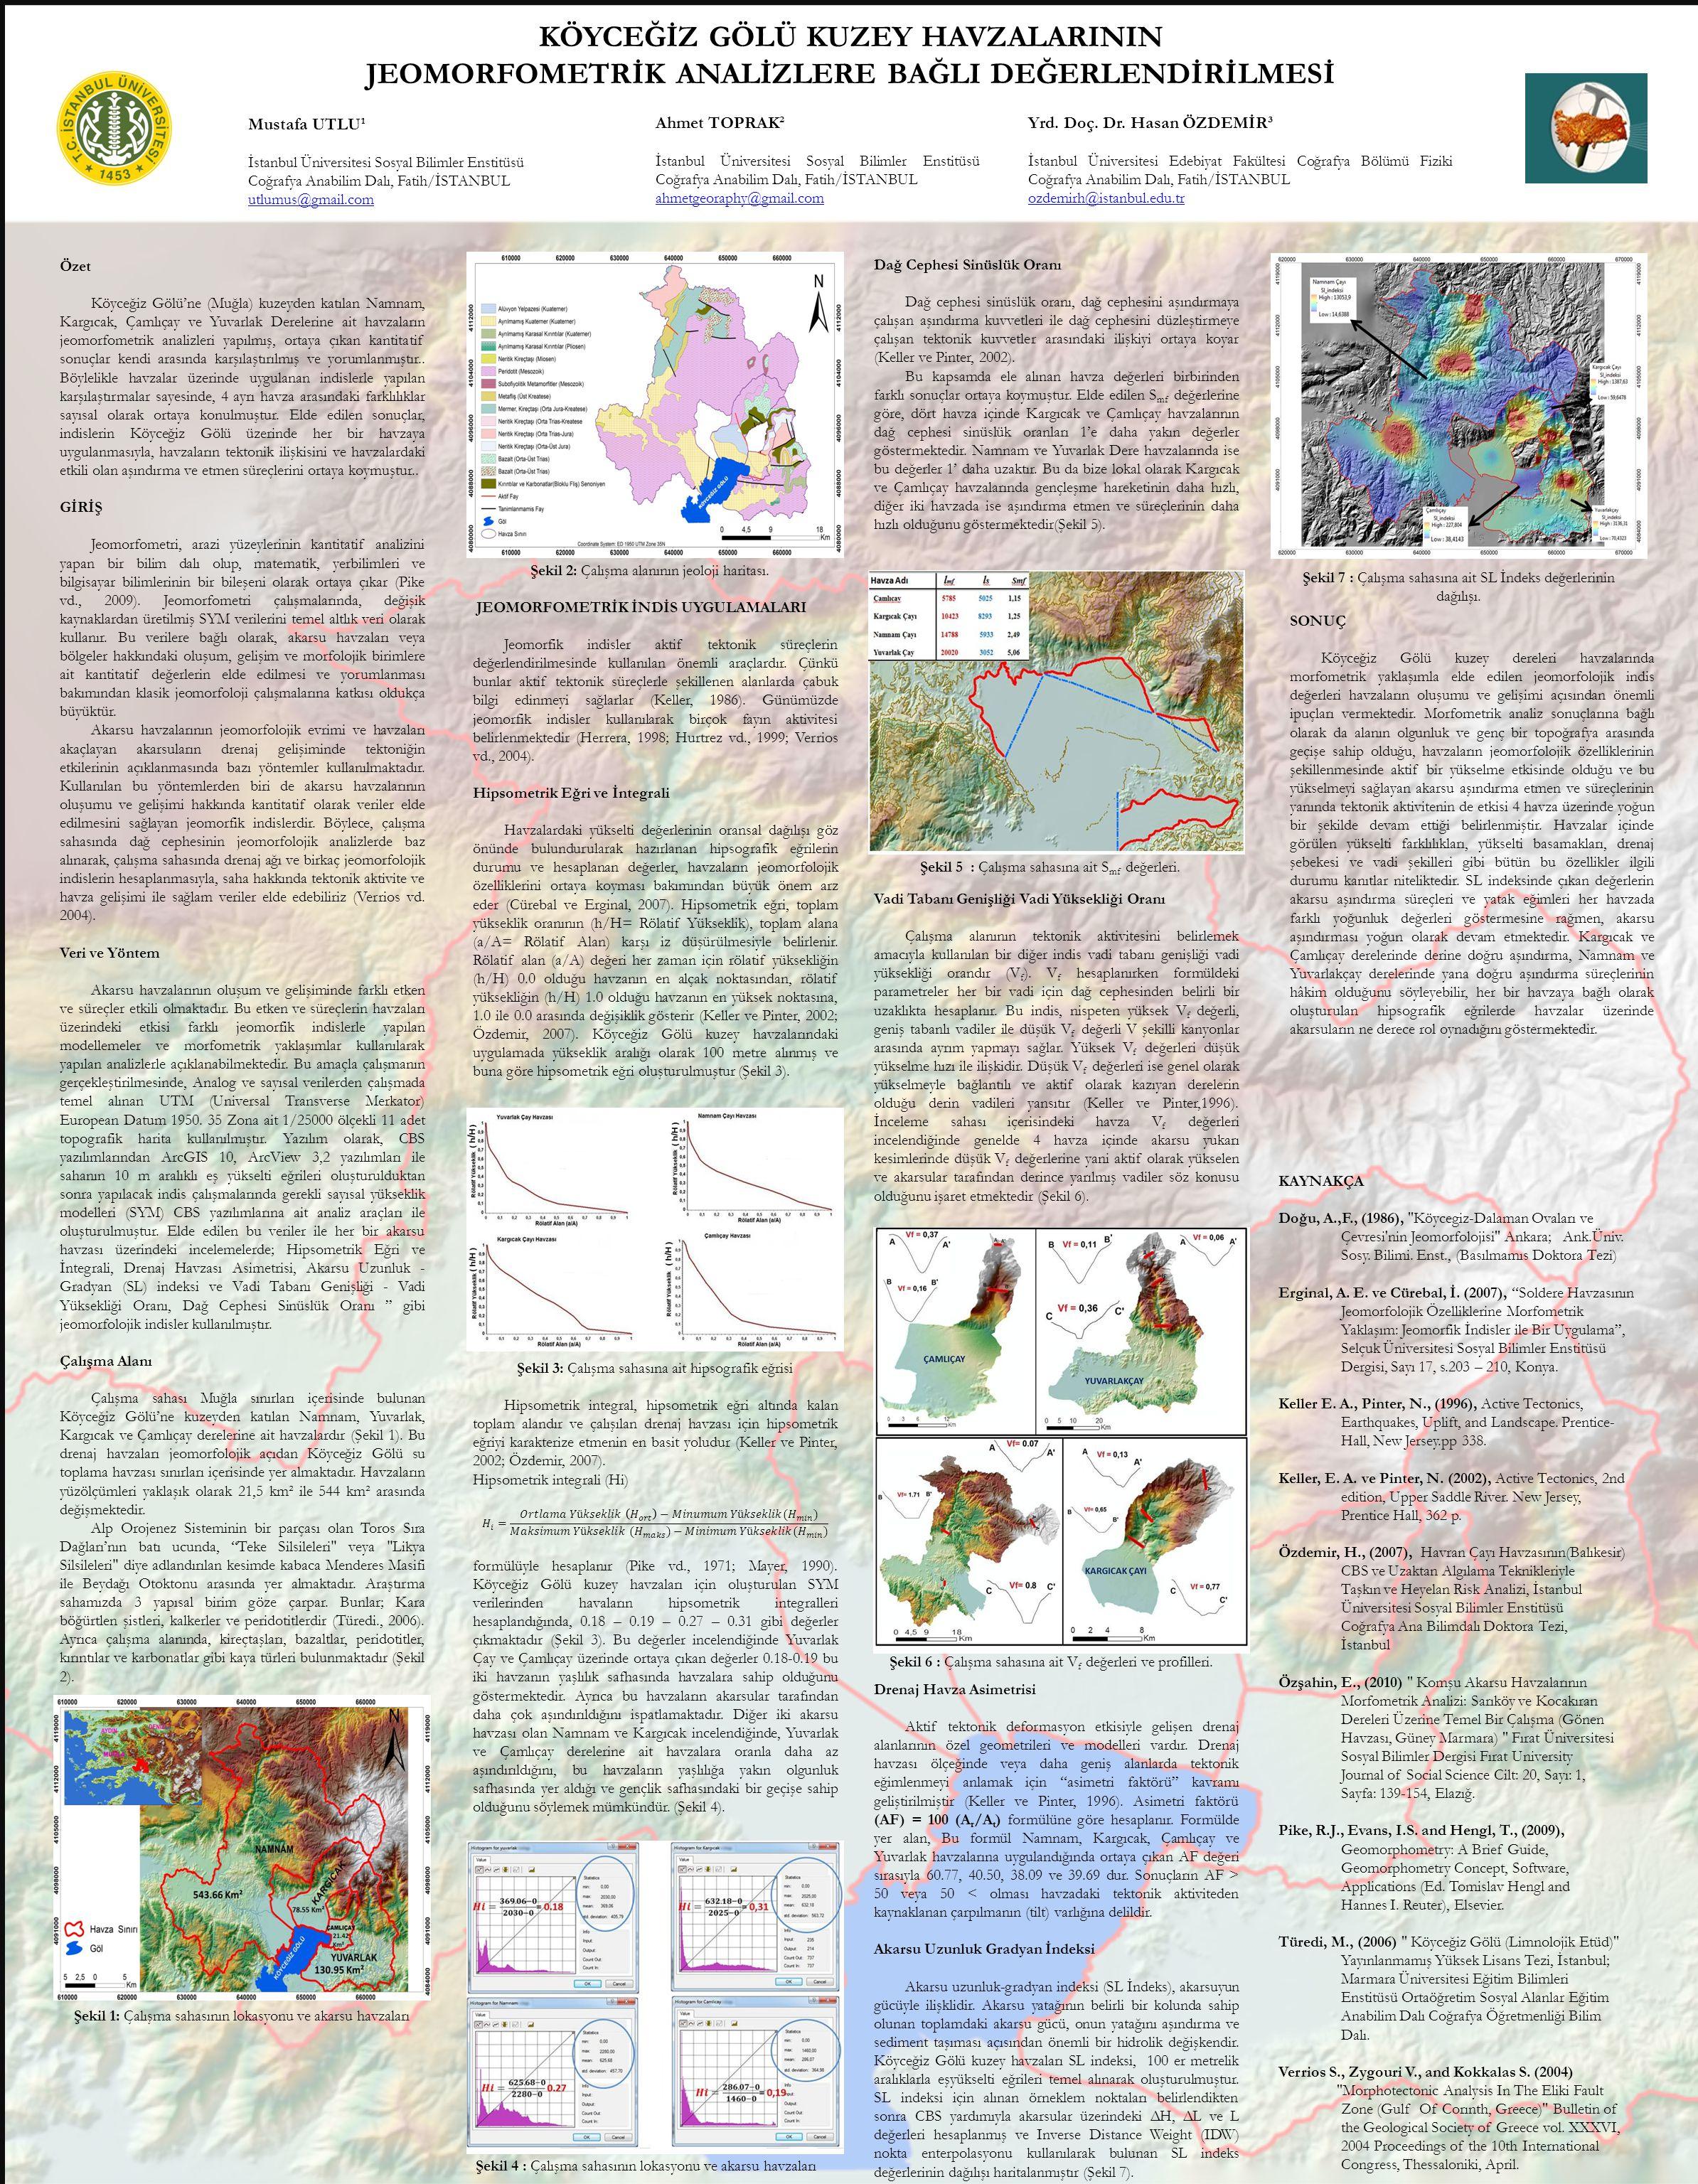 Özet Köyceğiz Gölü'ne (Muğla) kuzeyden katılan Namnam, Kargıcak, Çamlıçay ve Yuvarlak Derelerine ait havzaların jeomorfometrik analizleri yapılmış, or